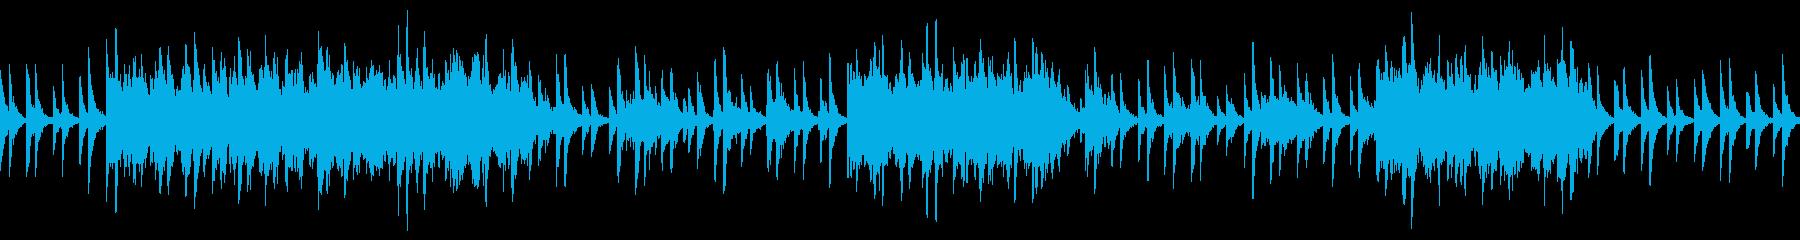 異次元世界をイメージしたシンセ曲の再生済みの波形